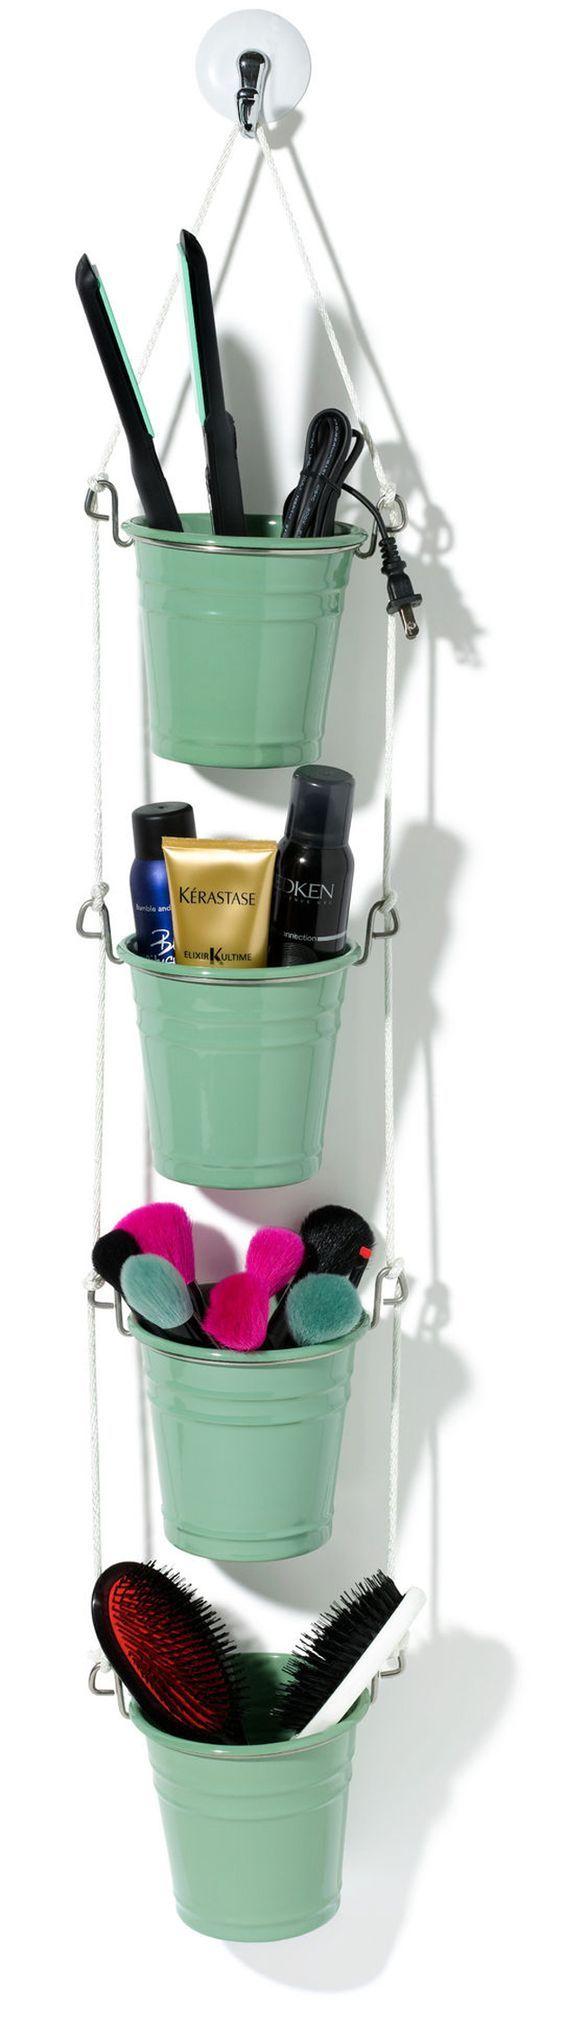 Photo Gallery Website Awesome DIY Bathroom Organization Ideas